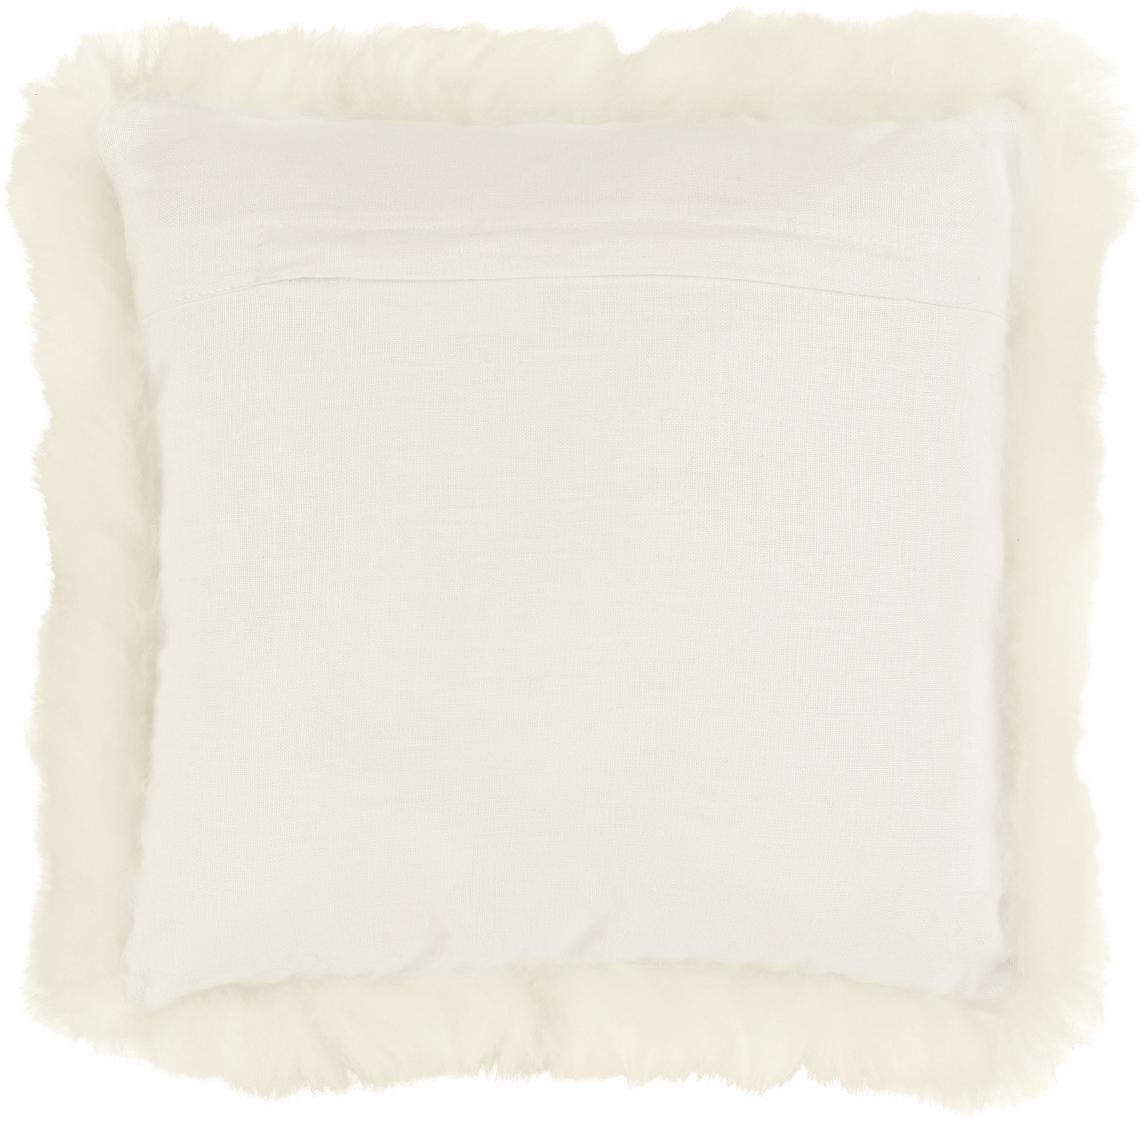 Schaffell-Kissenhülle Oslo, glatt, Vorderseite: 100% Schaffell, Rückseite: Leinen, Vorderseite: CremeweißRückseite: Cremeweiß, 40 x 40 cm